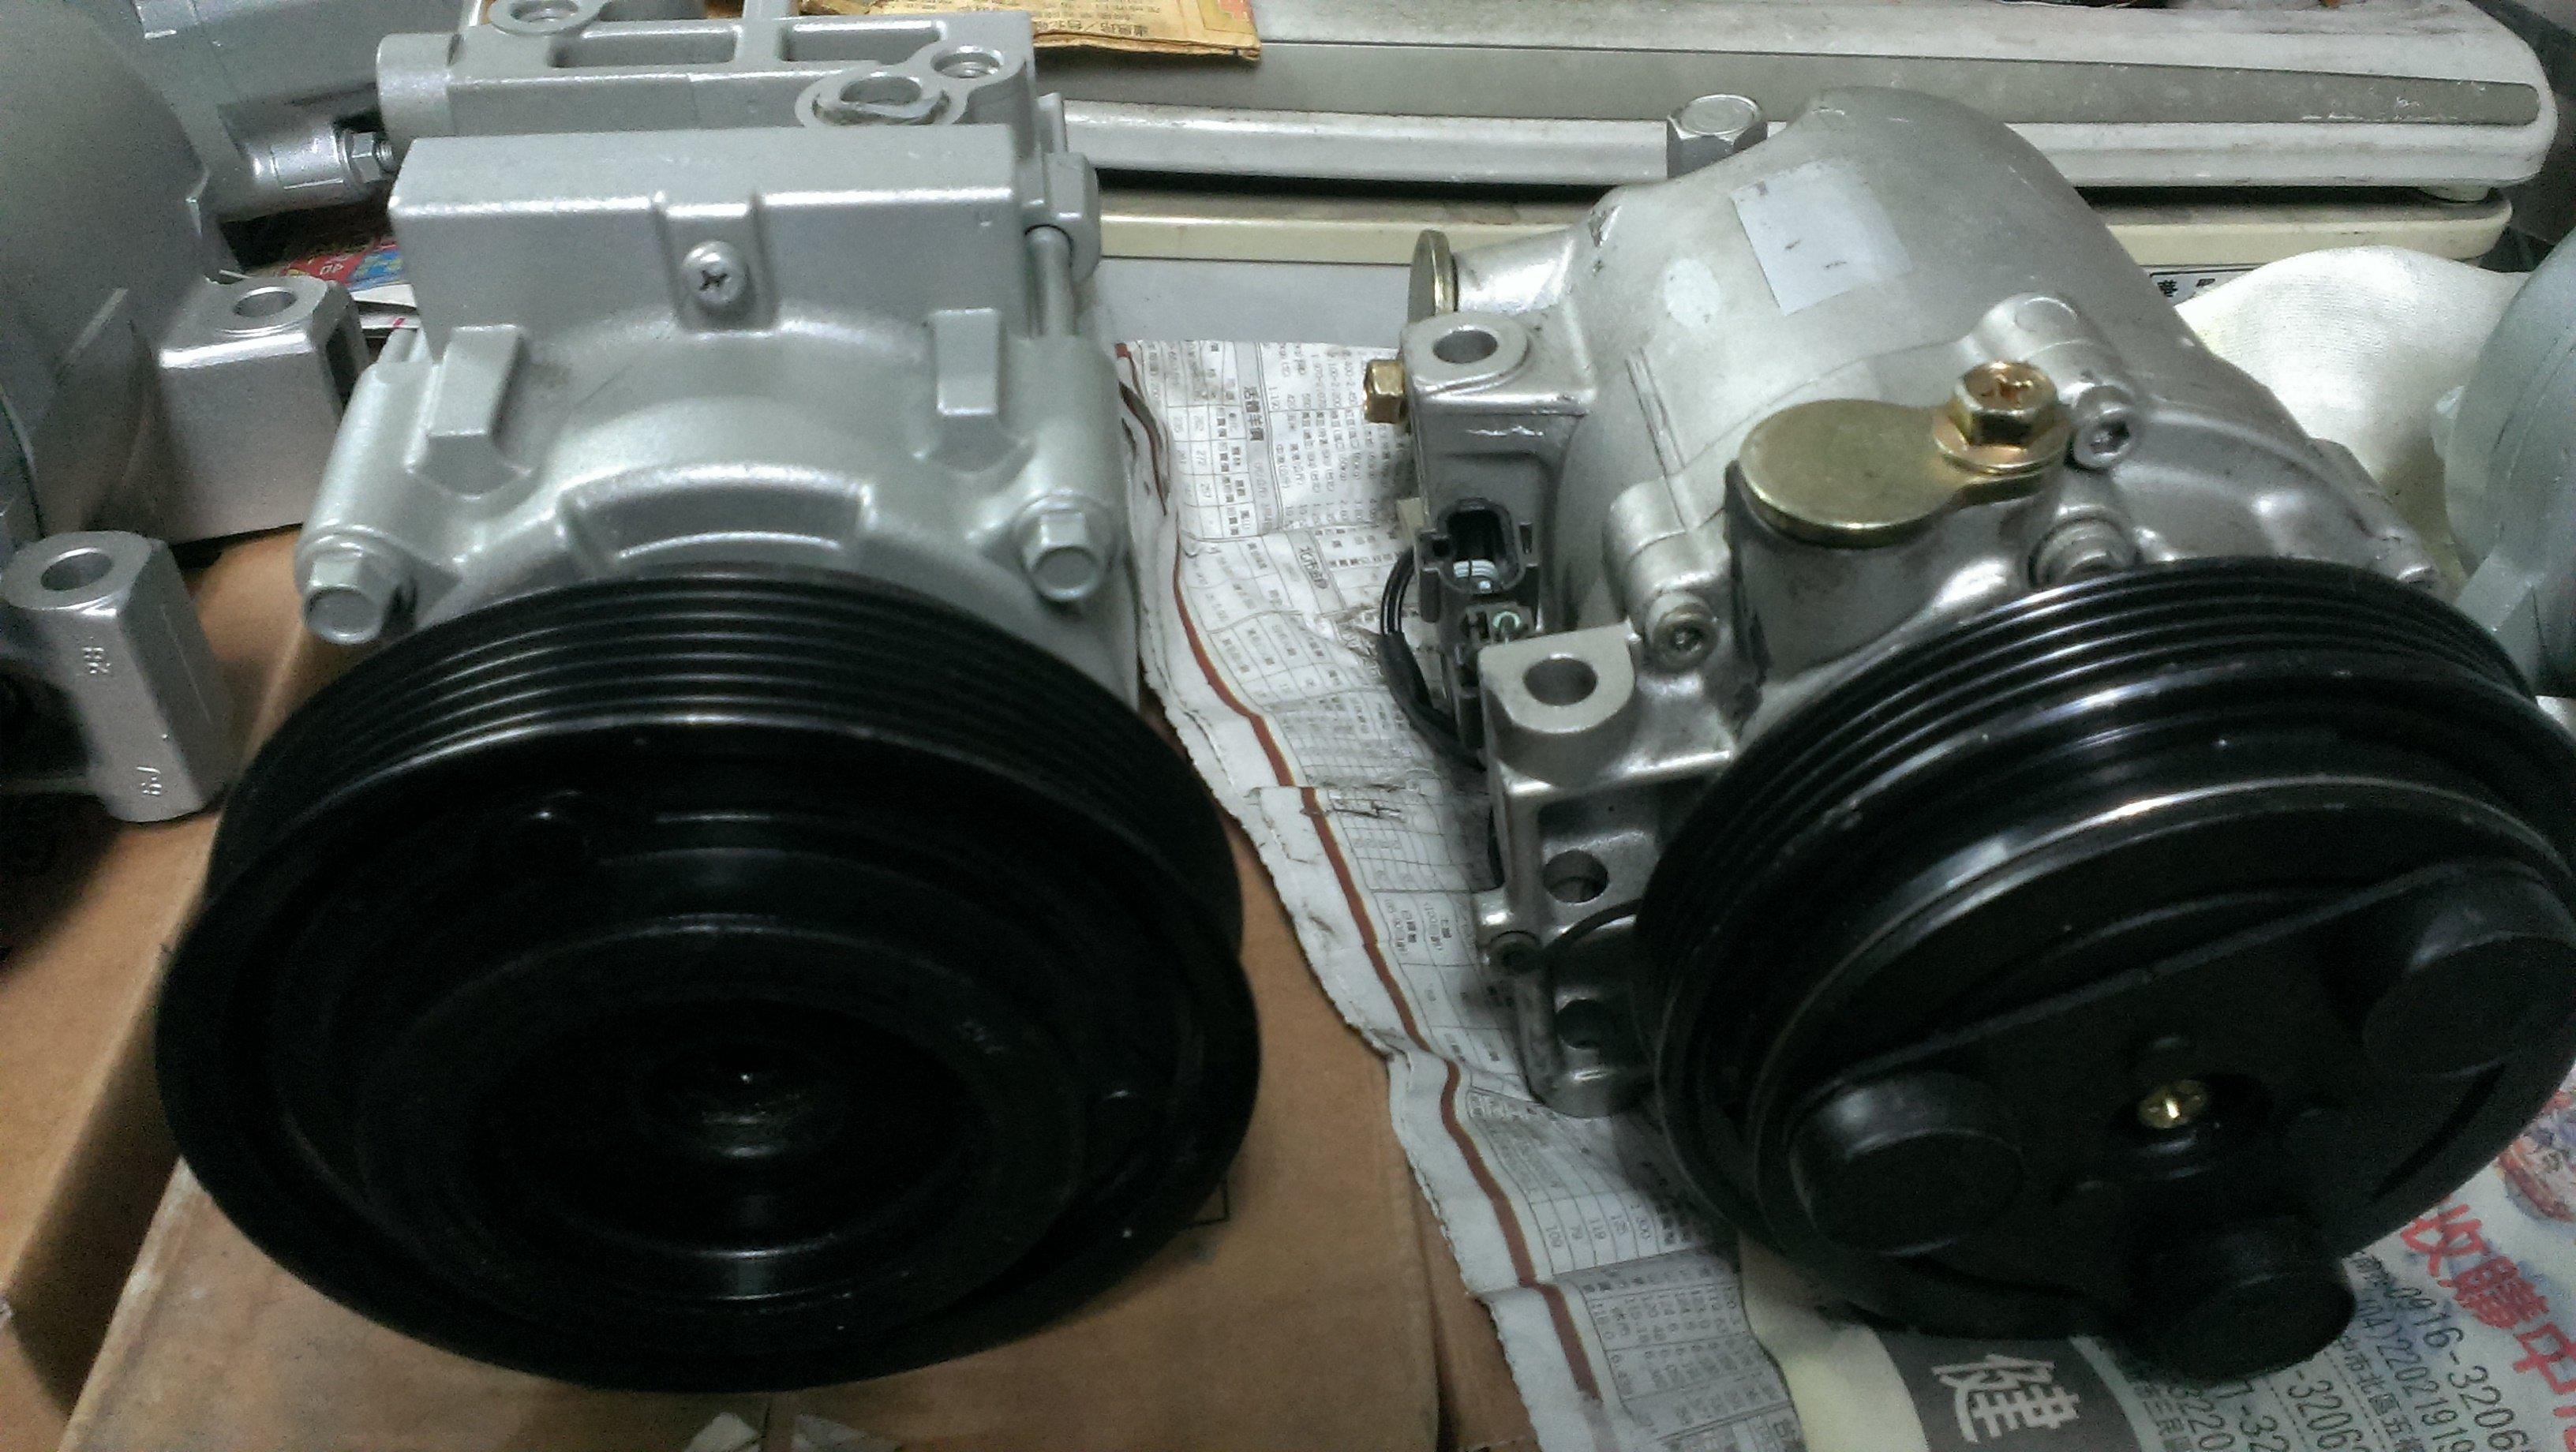 工廠直營 01-05年TOYOTA ALTIS專用冷氣壓縮機異音/冷氣不冷/AC故障 /壓力不足/風扇